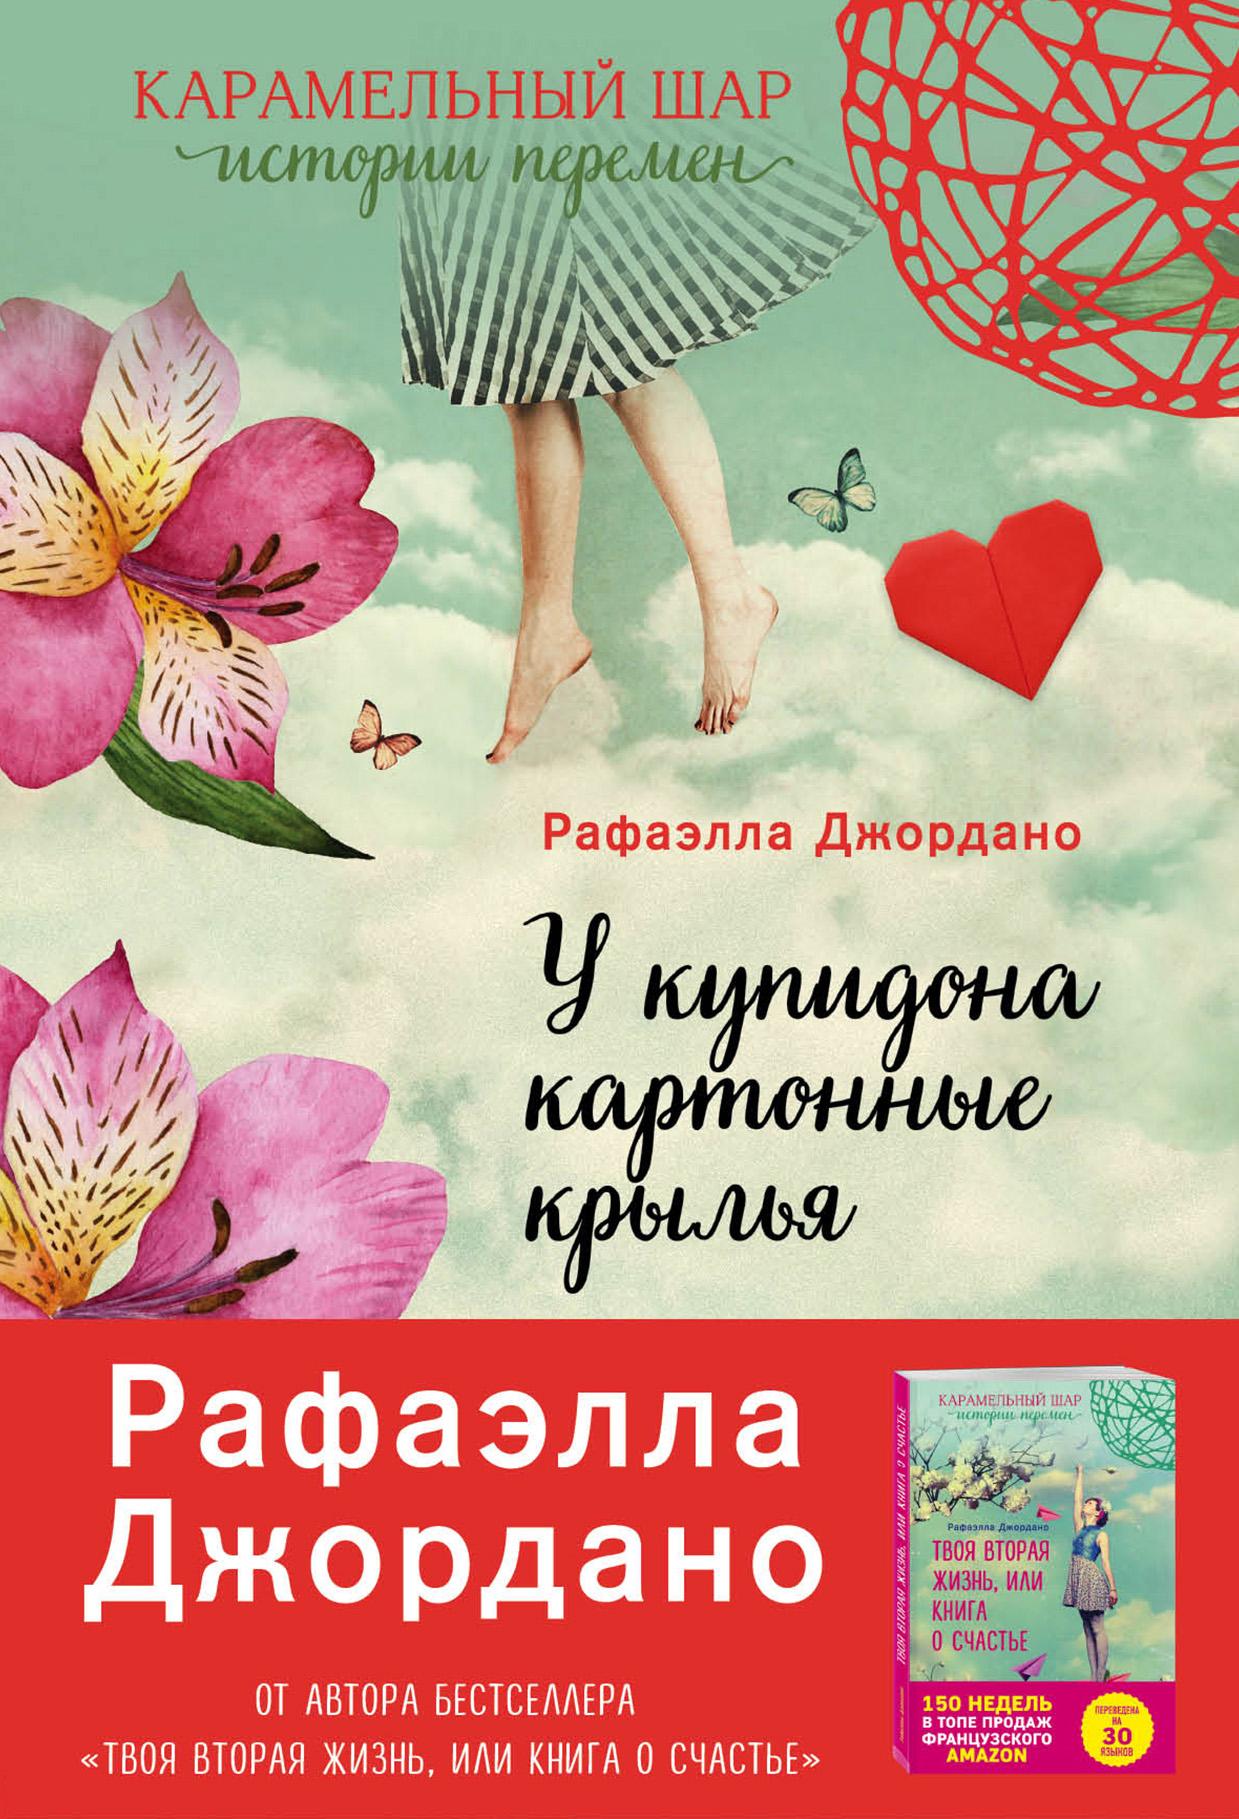 Купить книгу У Купидона картонные крылья, автора Рафаэллы Джордано